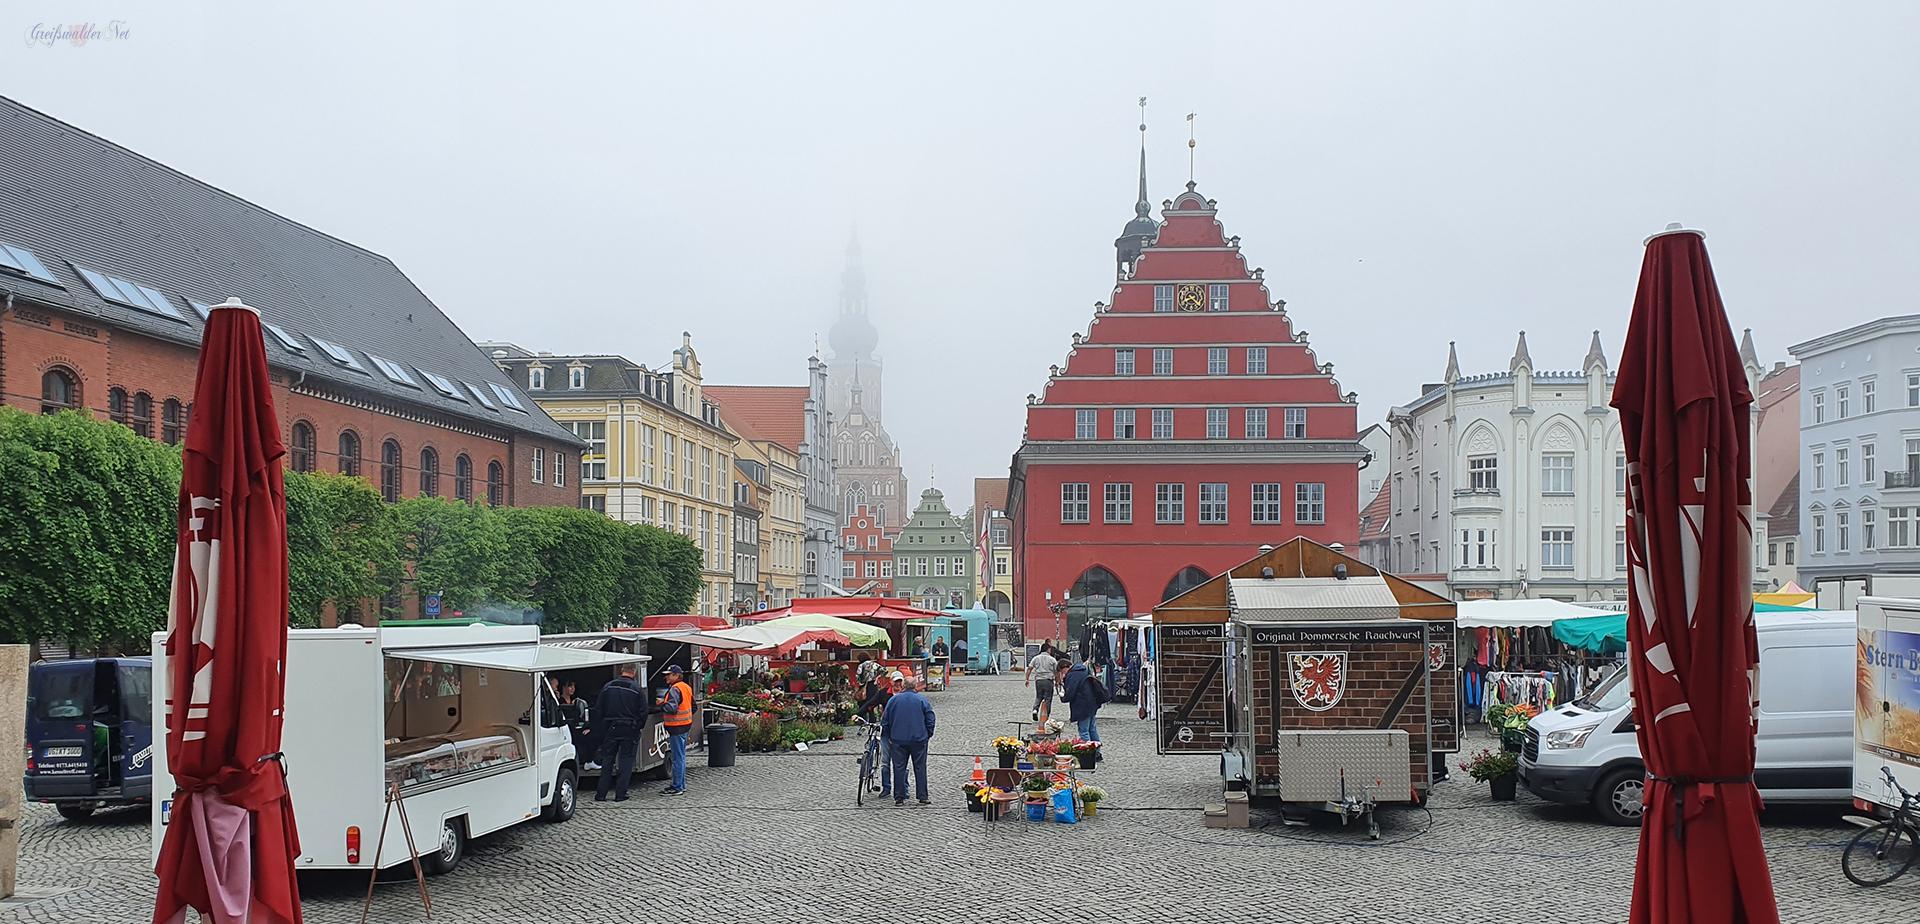 Freitag auf dem Marktplatz in Greifswald